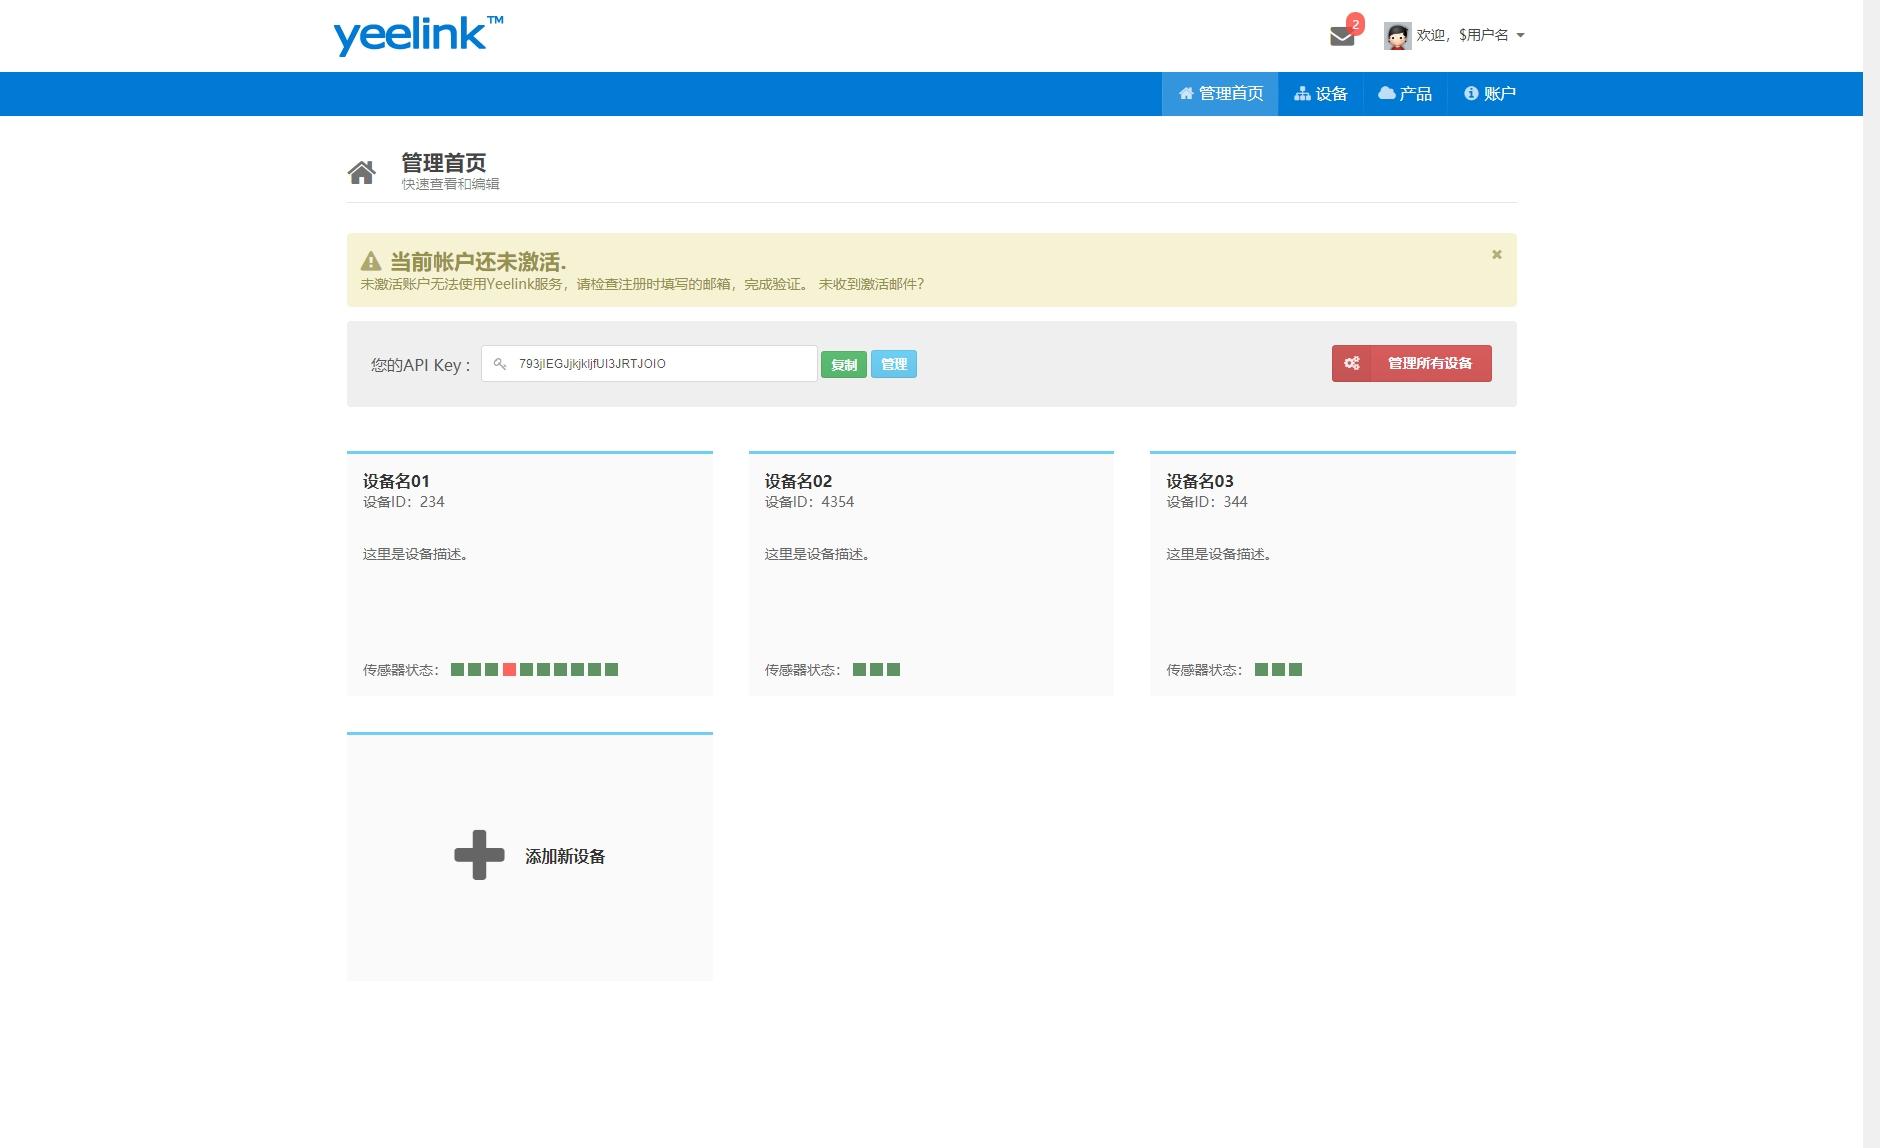 简单的企业cms管理系统模板html源码